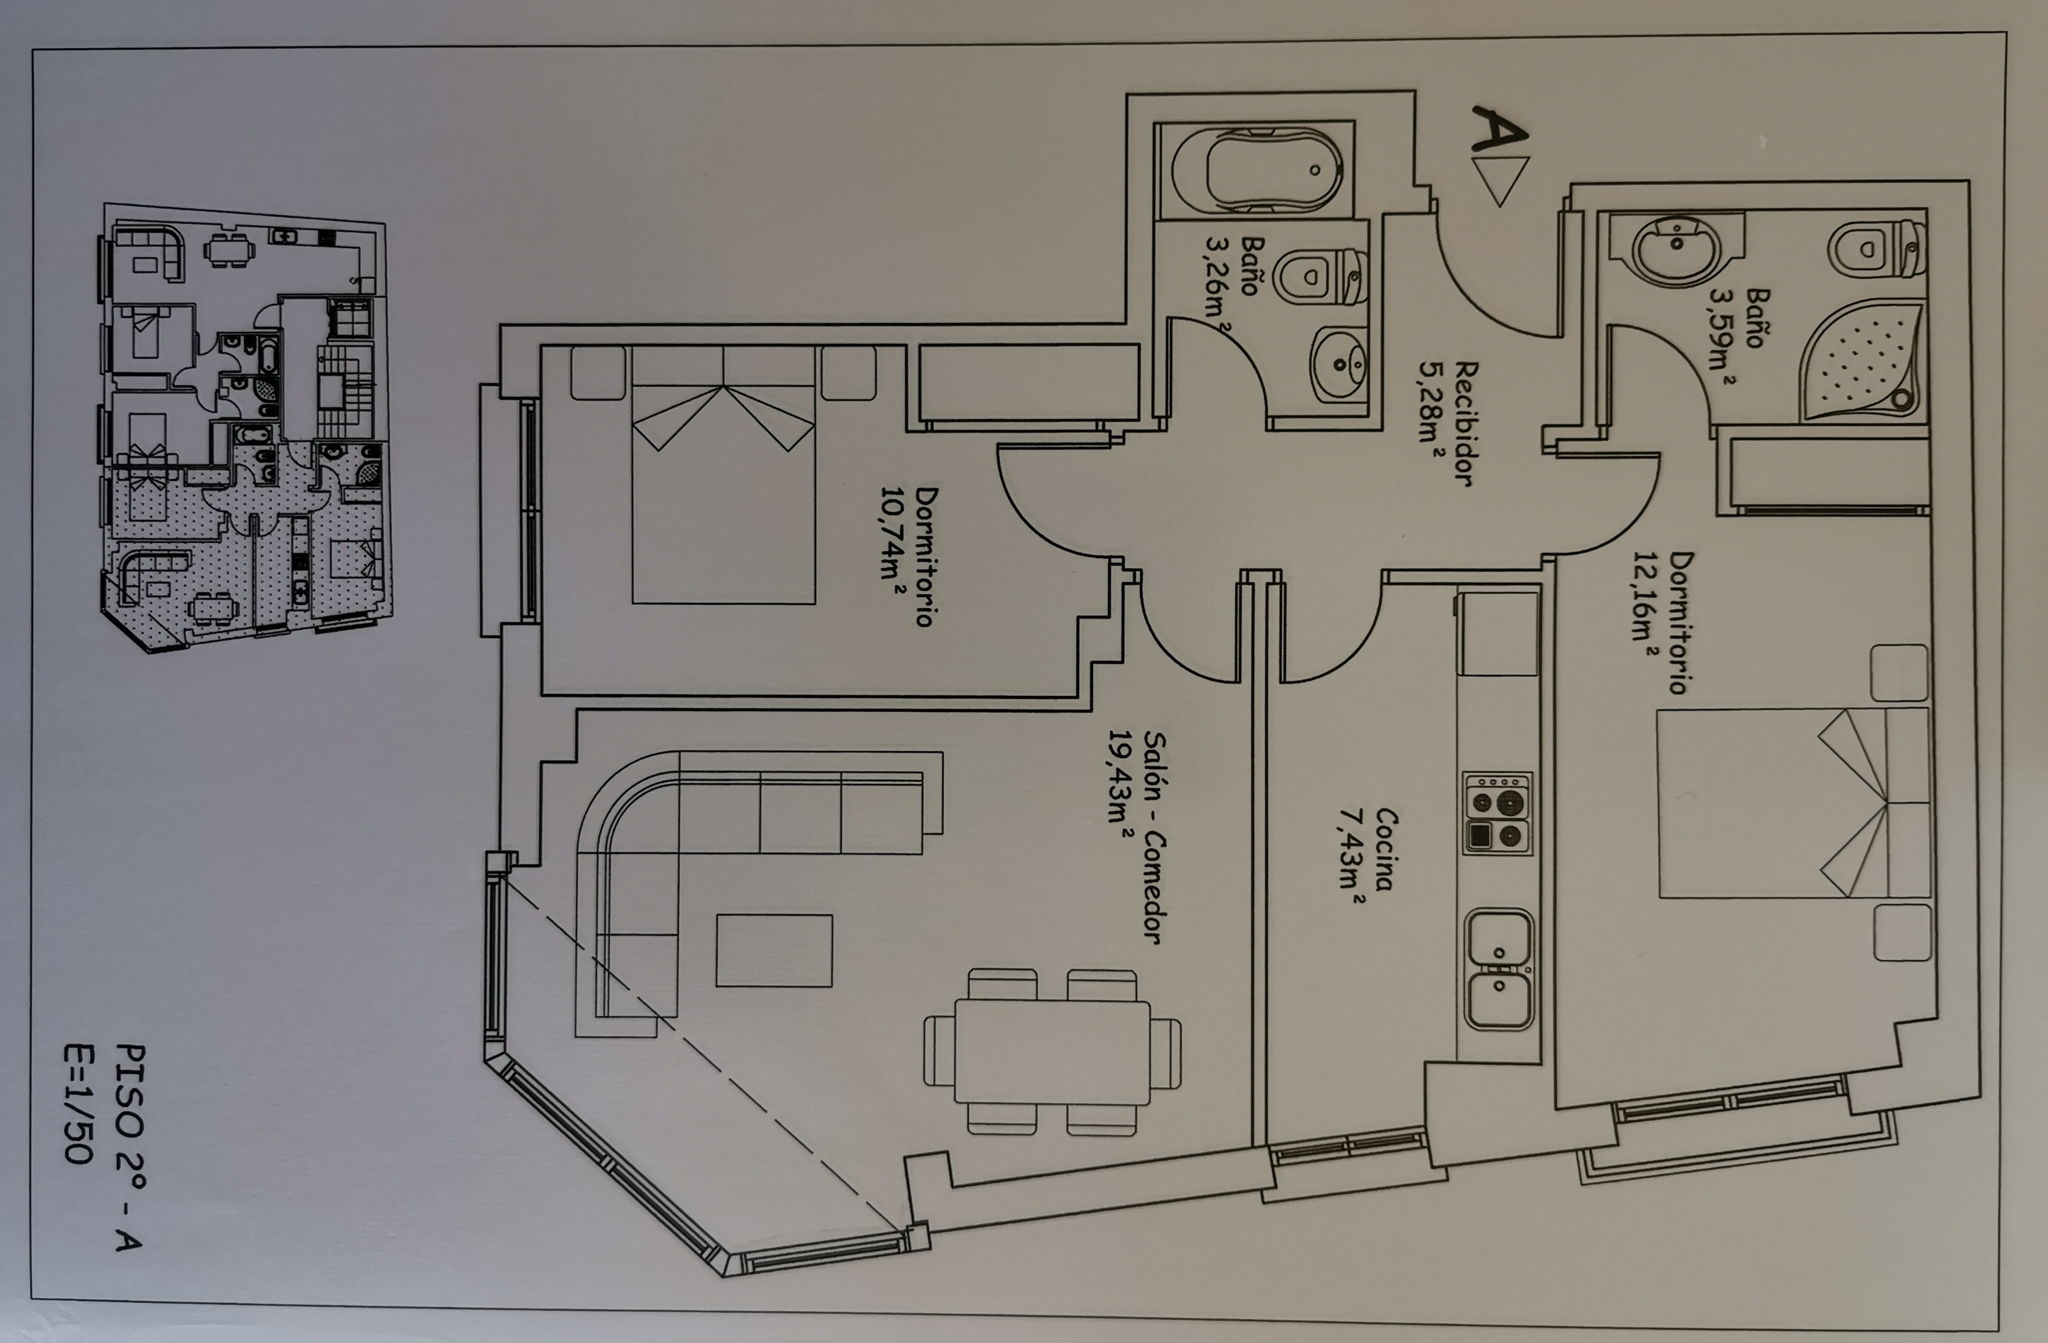 plano sanxenxo portonovo 2A